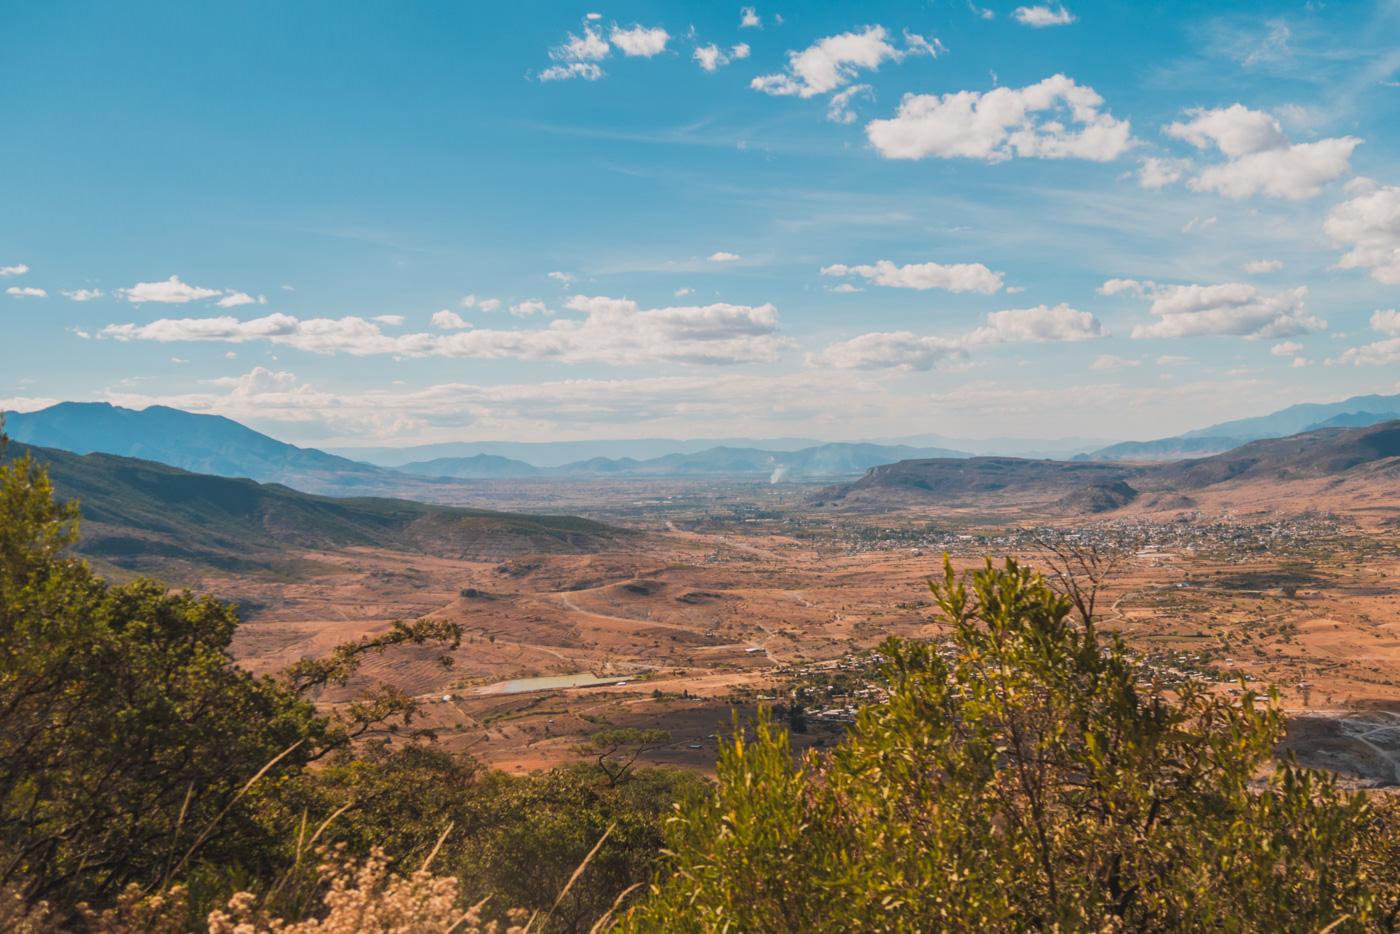 Ausblick auf Mitla auf dem Weg zum Hierve el Agua - Oaxaca, Mexiko